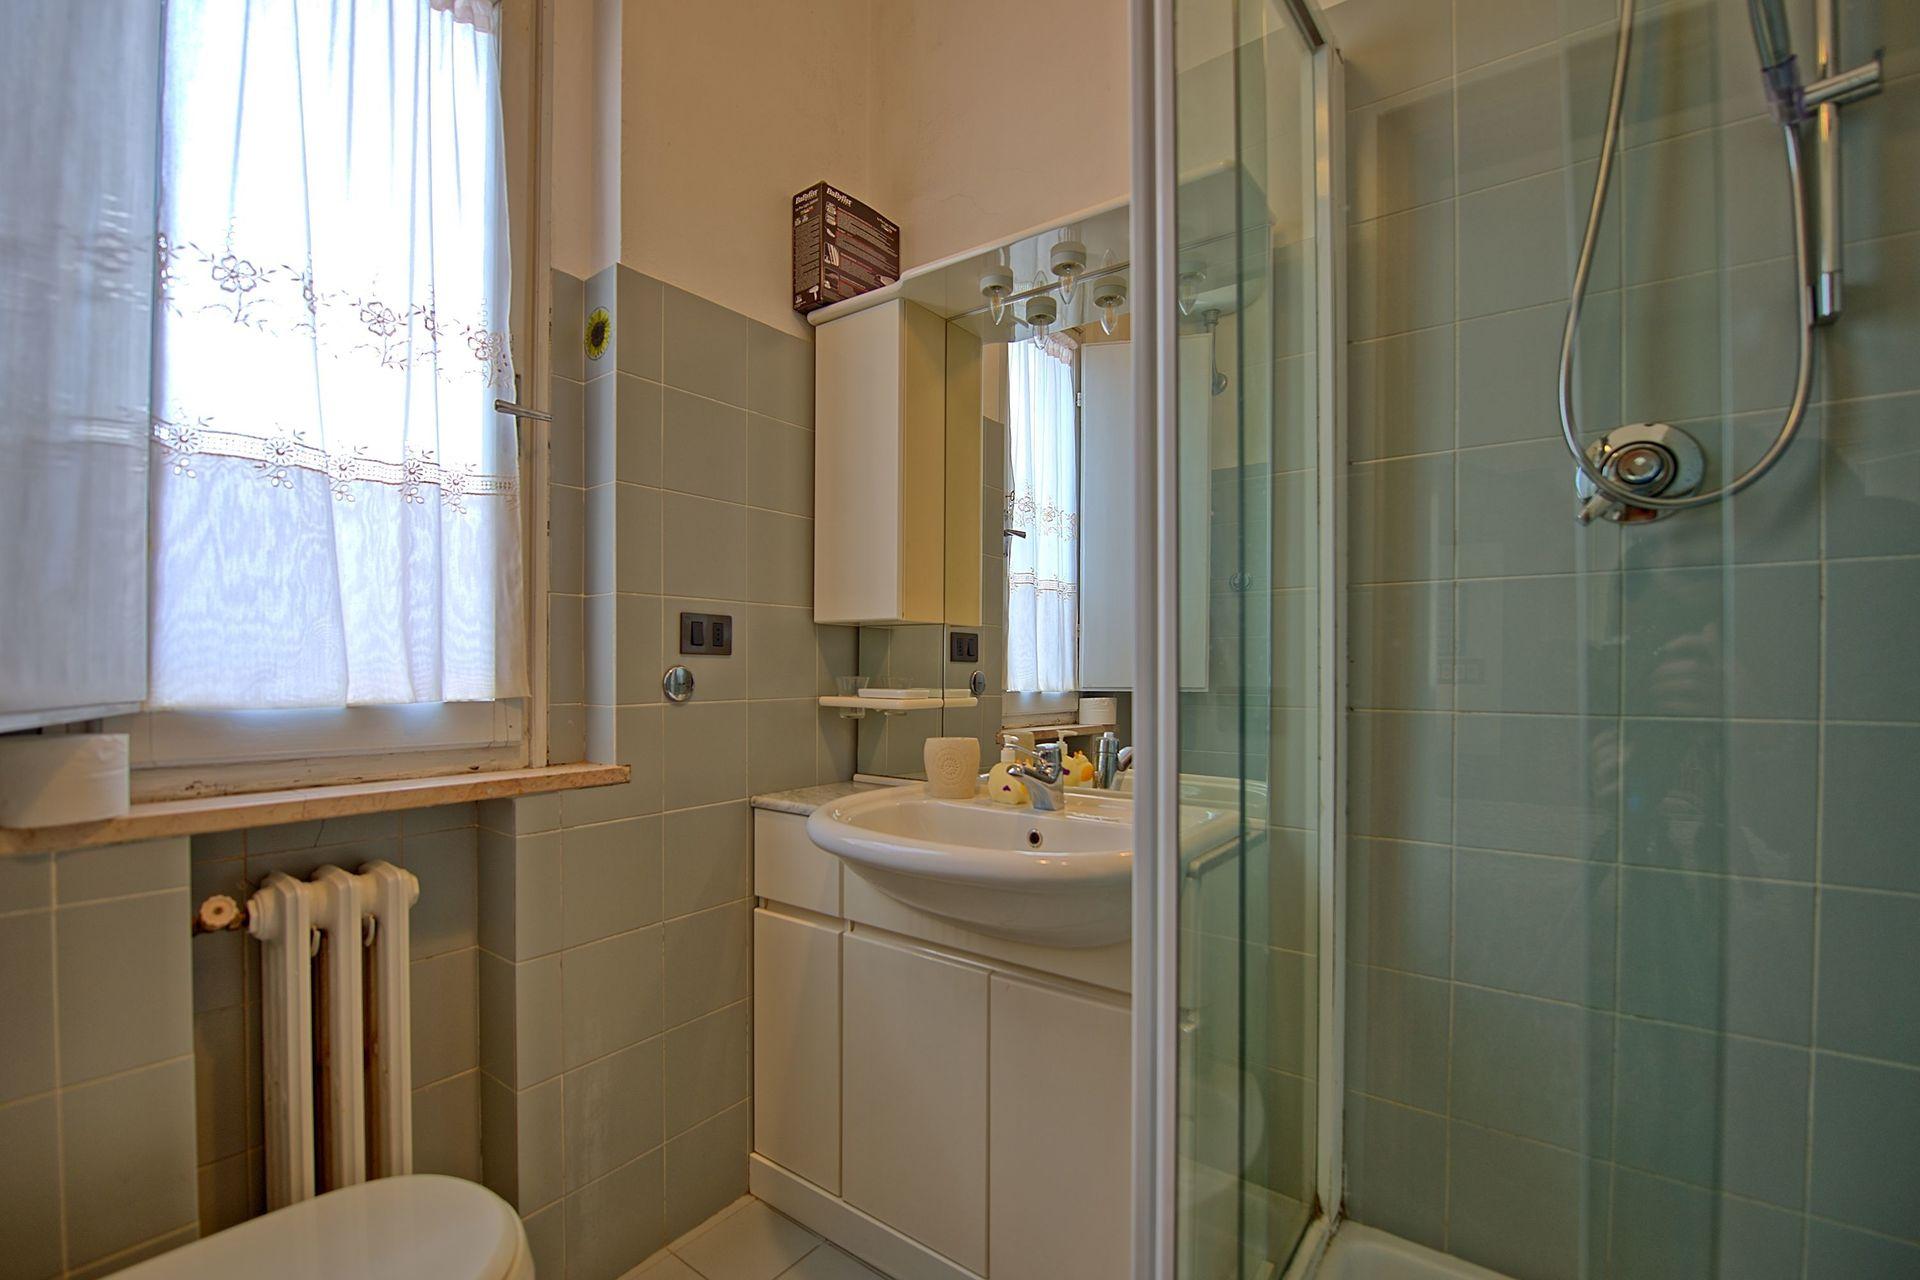 Trecento 1 posti letto 4 in 2 camere casa vacanza a for 5 camere da letto 4 bagni